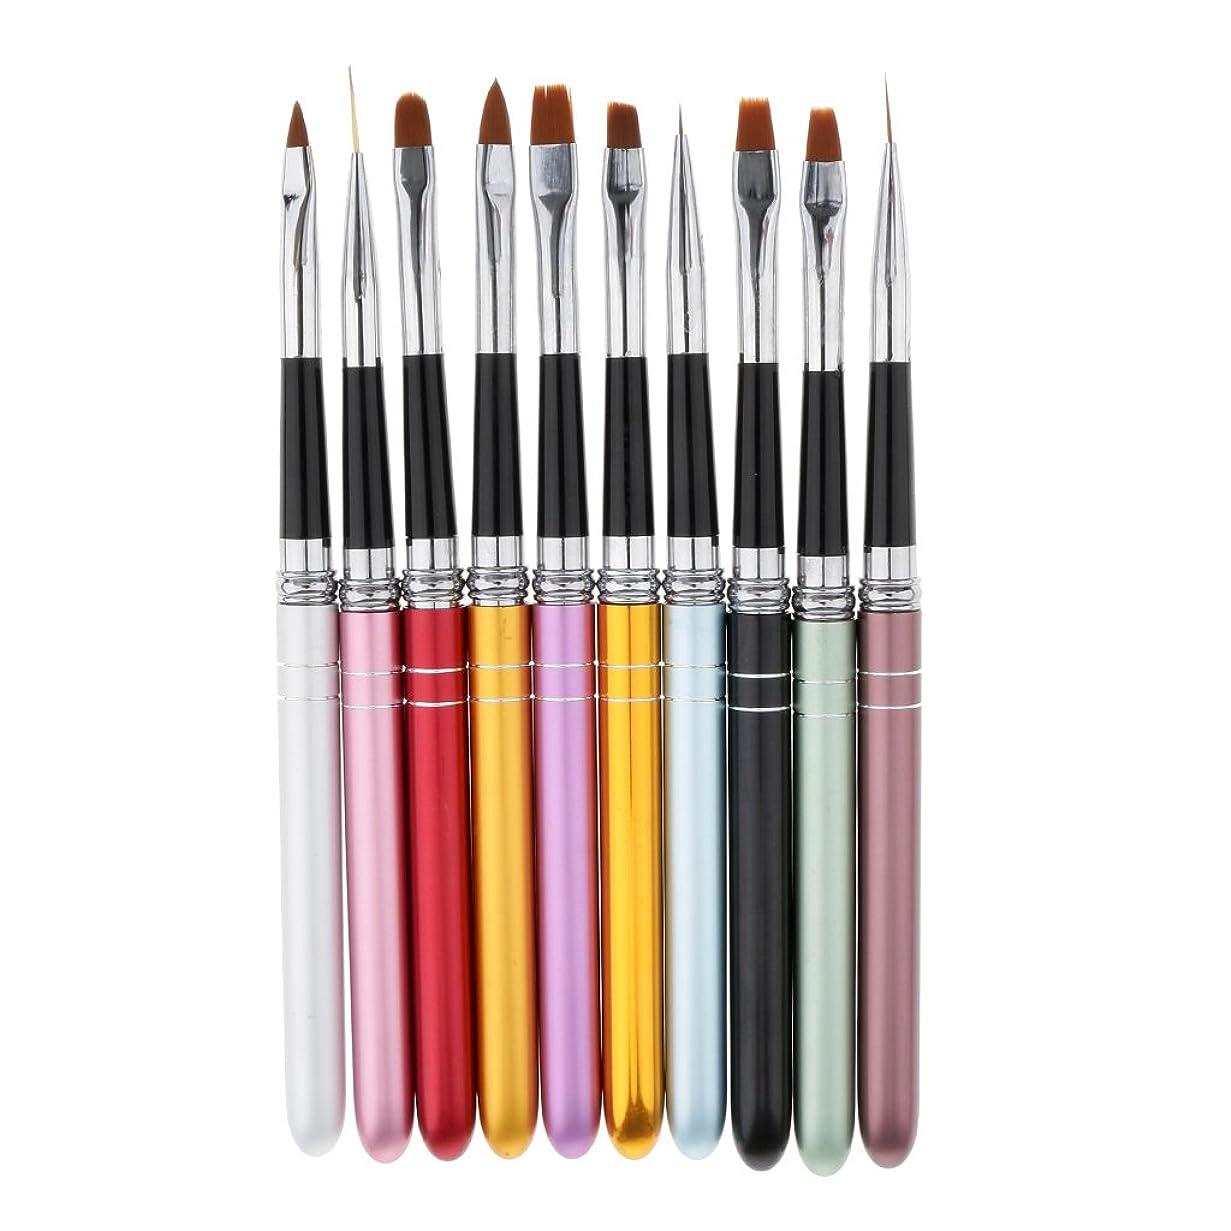 ずんぐりしたローン民主党Perfk 約10本 ネイルブラシ ネイルアート ネイルサロン 彫刻ペン 塗装ペン ライトセラピーペン 描画ペン ブラシ 高品質 プレゼント